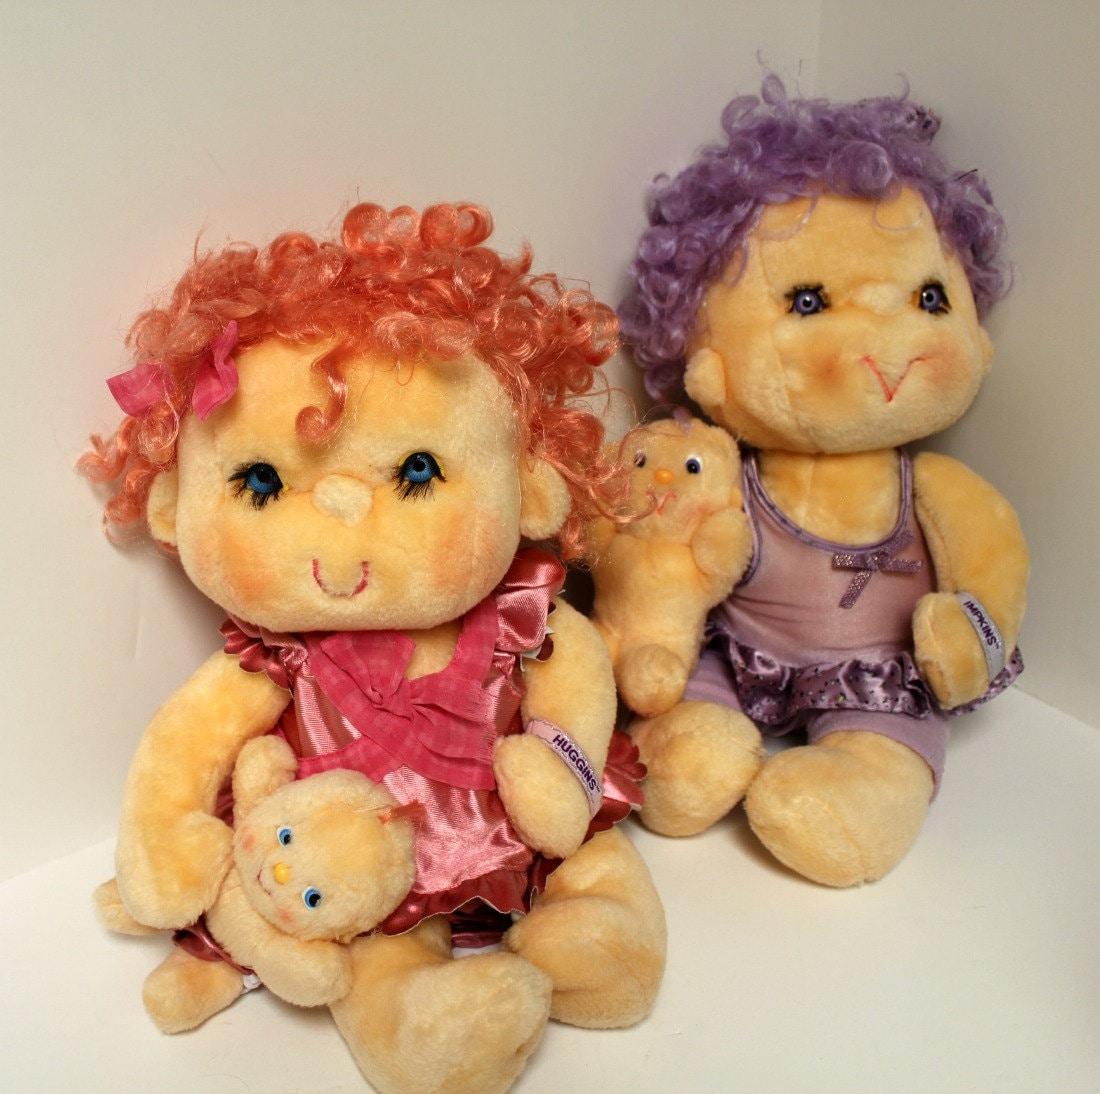 80s Toy Dolls : Vintage hugga bunch dolls huggins impkins s